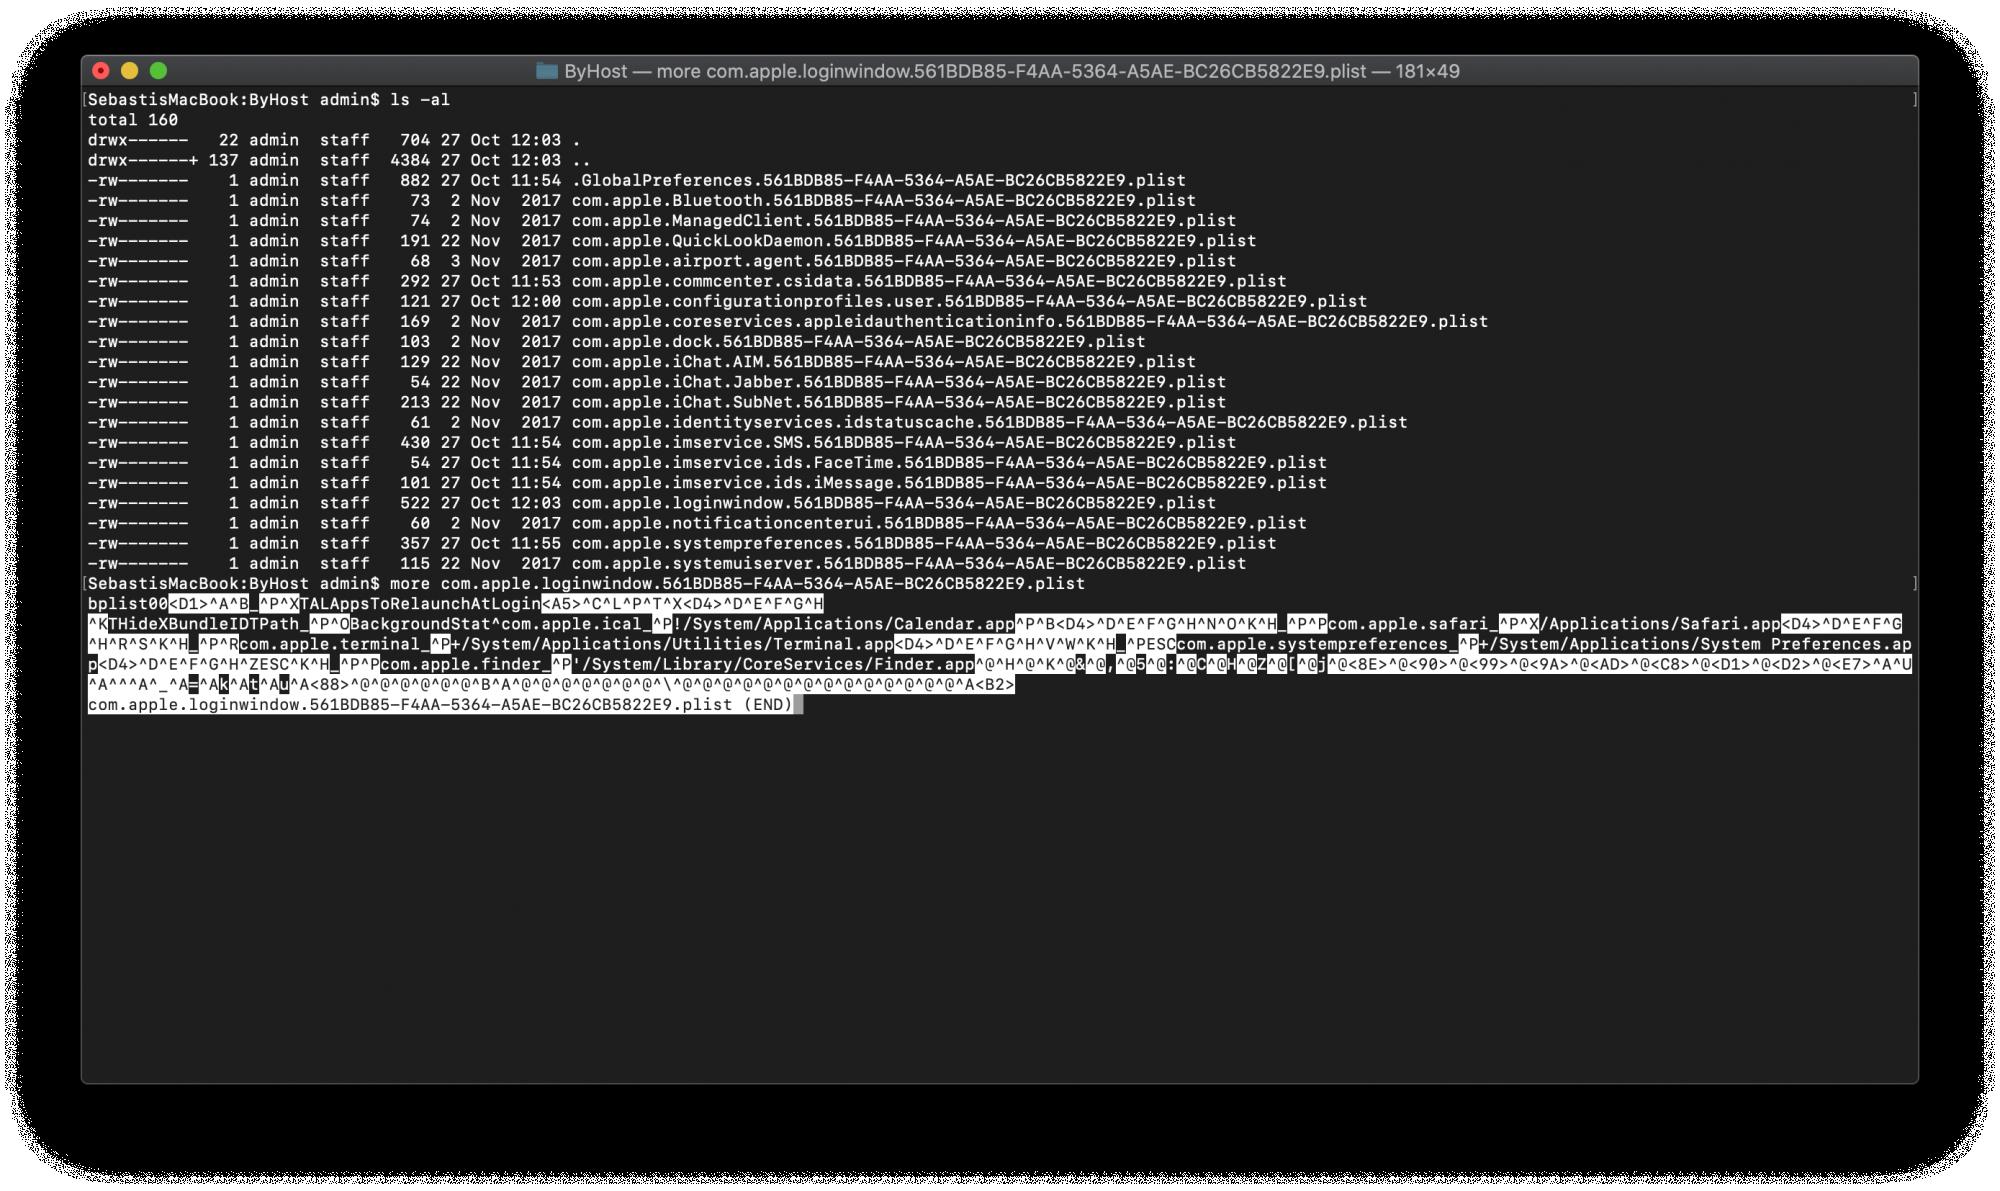 Screenshot 2020-10-27 at 12.04.58.png